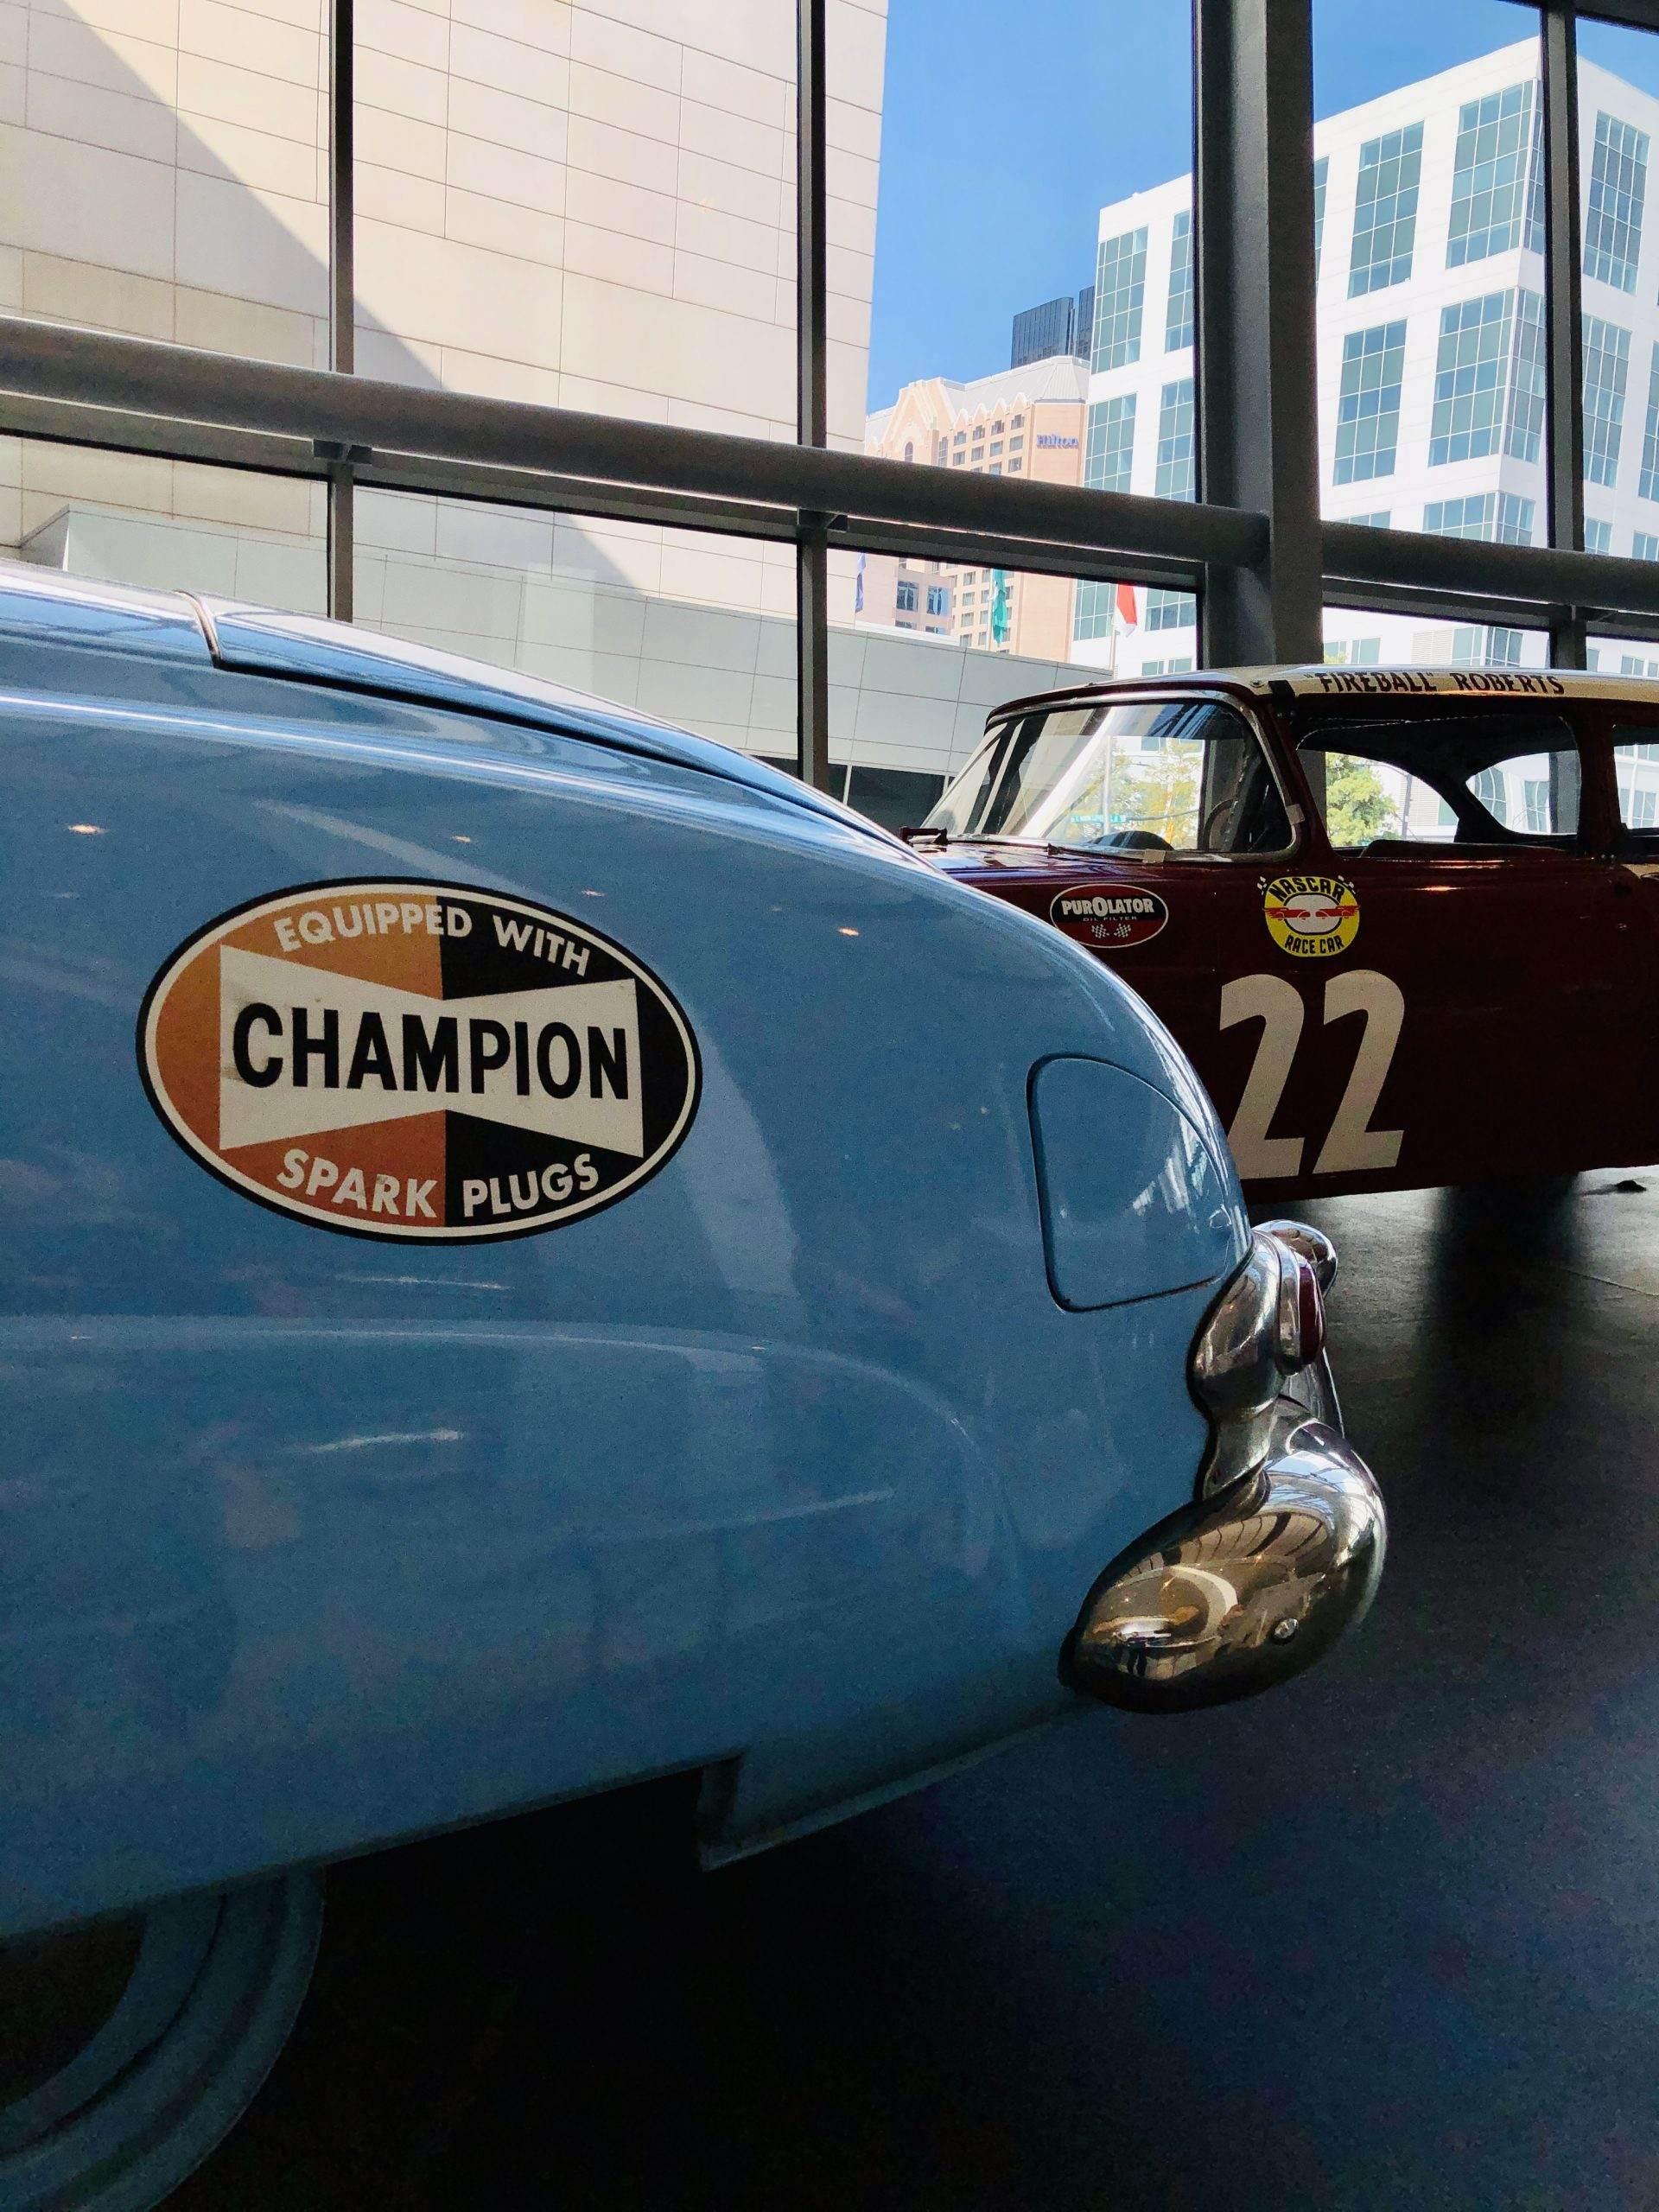 Vintage NASCARs